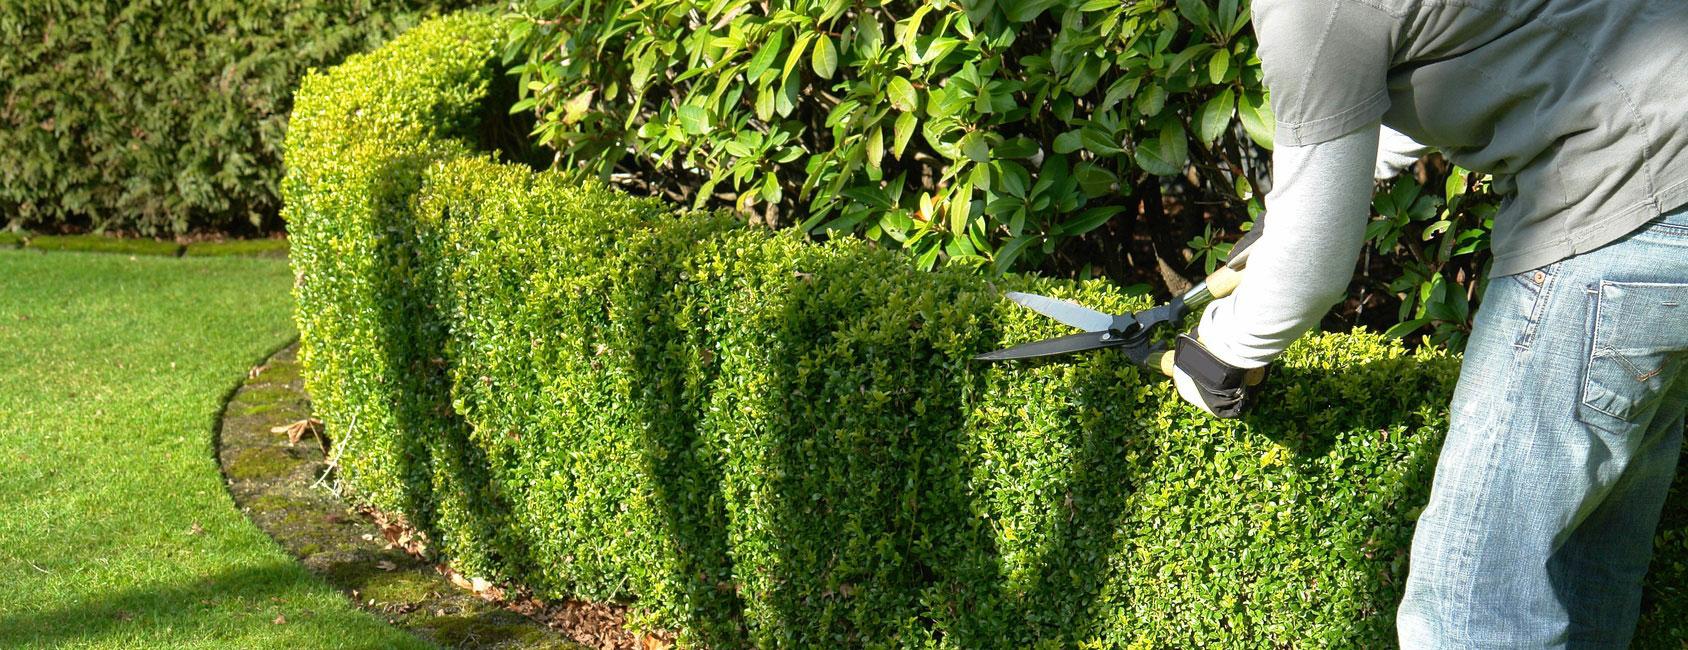 taille-arbre-haie-arbuste-fruitier-entretien-jardins-espaces-verts-94-aidlib